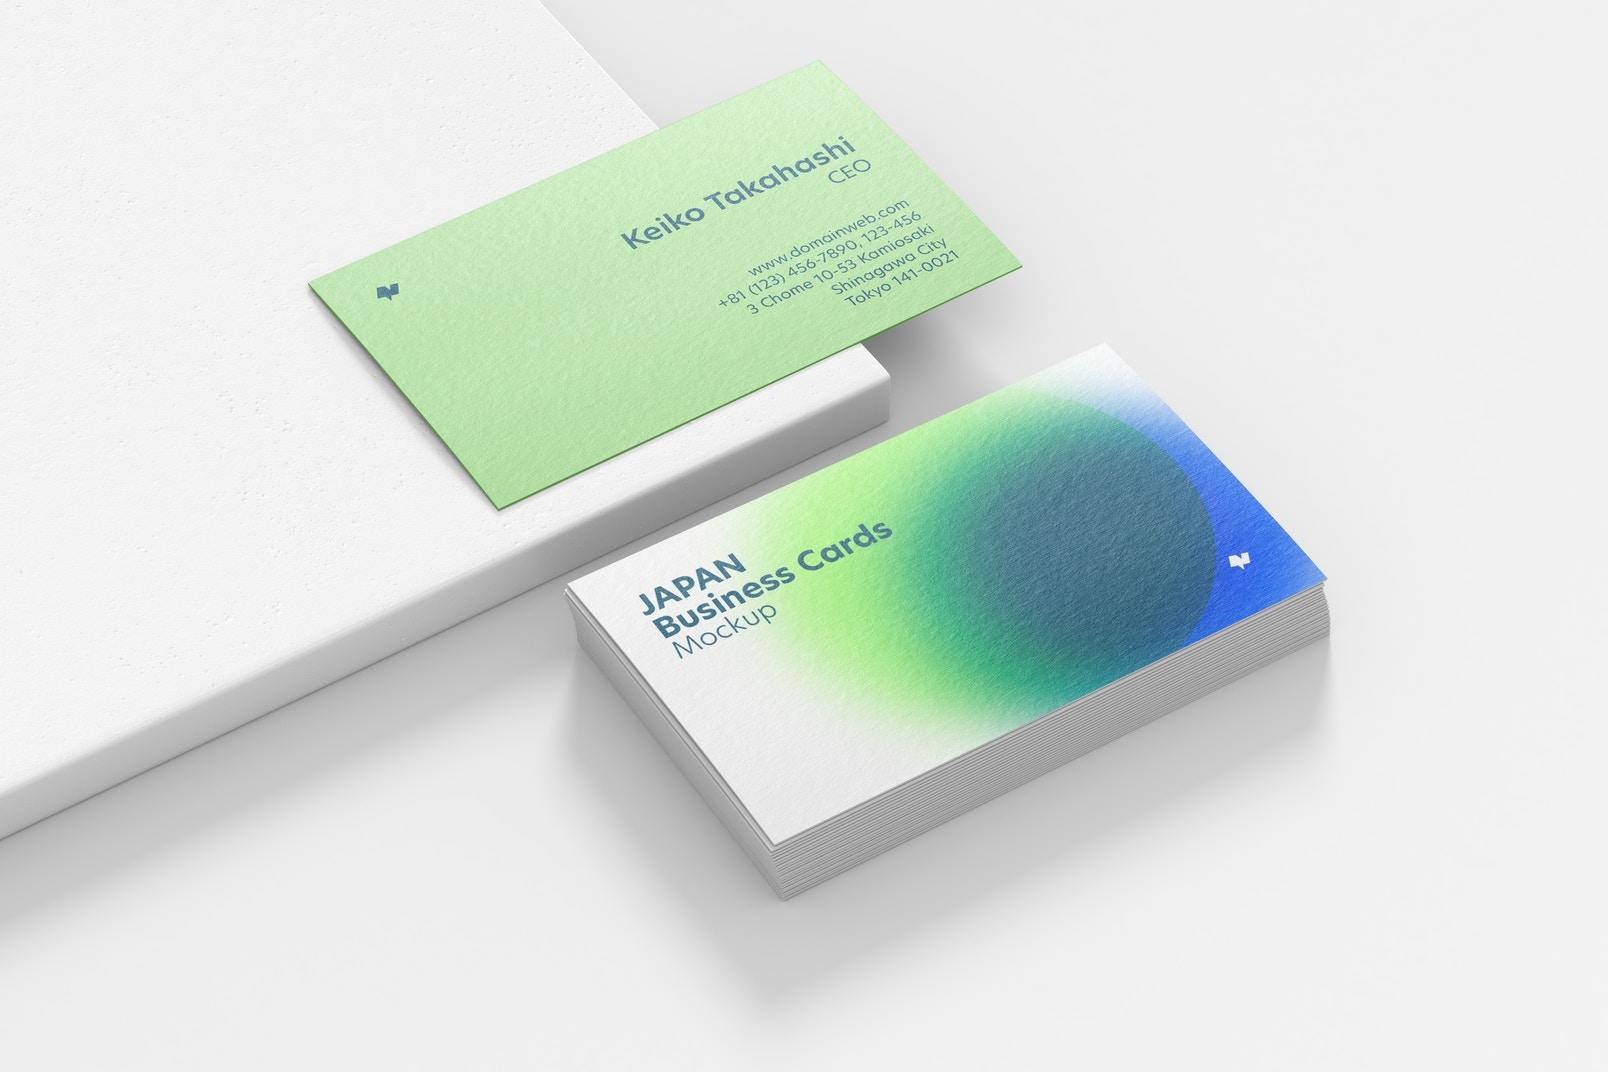 Japan Landscape Business Cards Mockup, Stacked Set